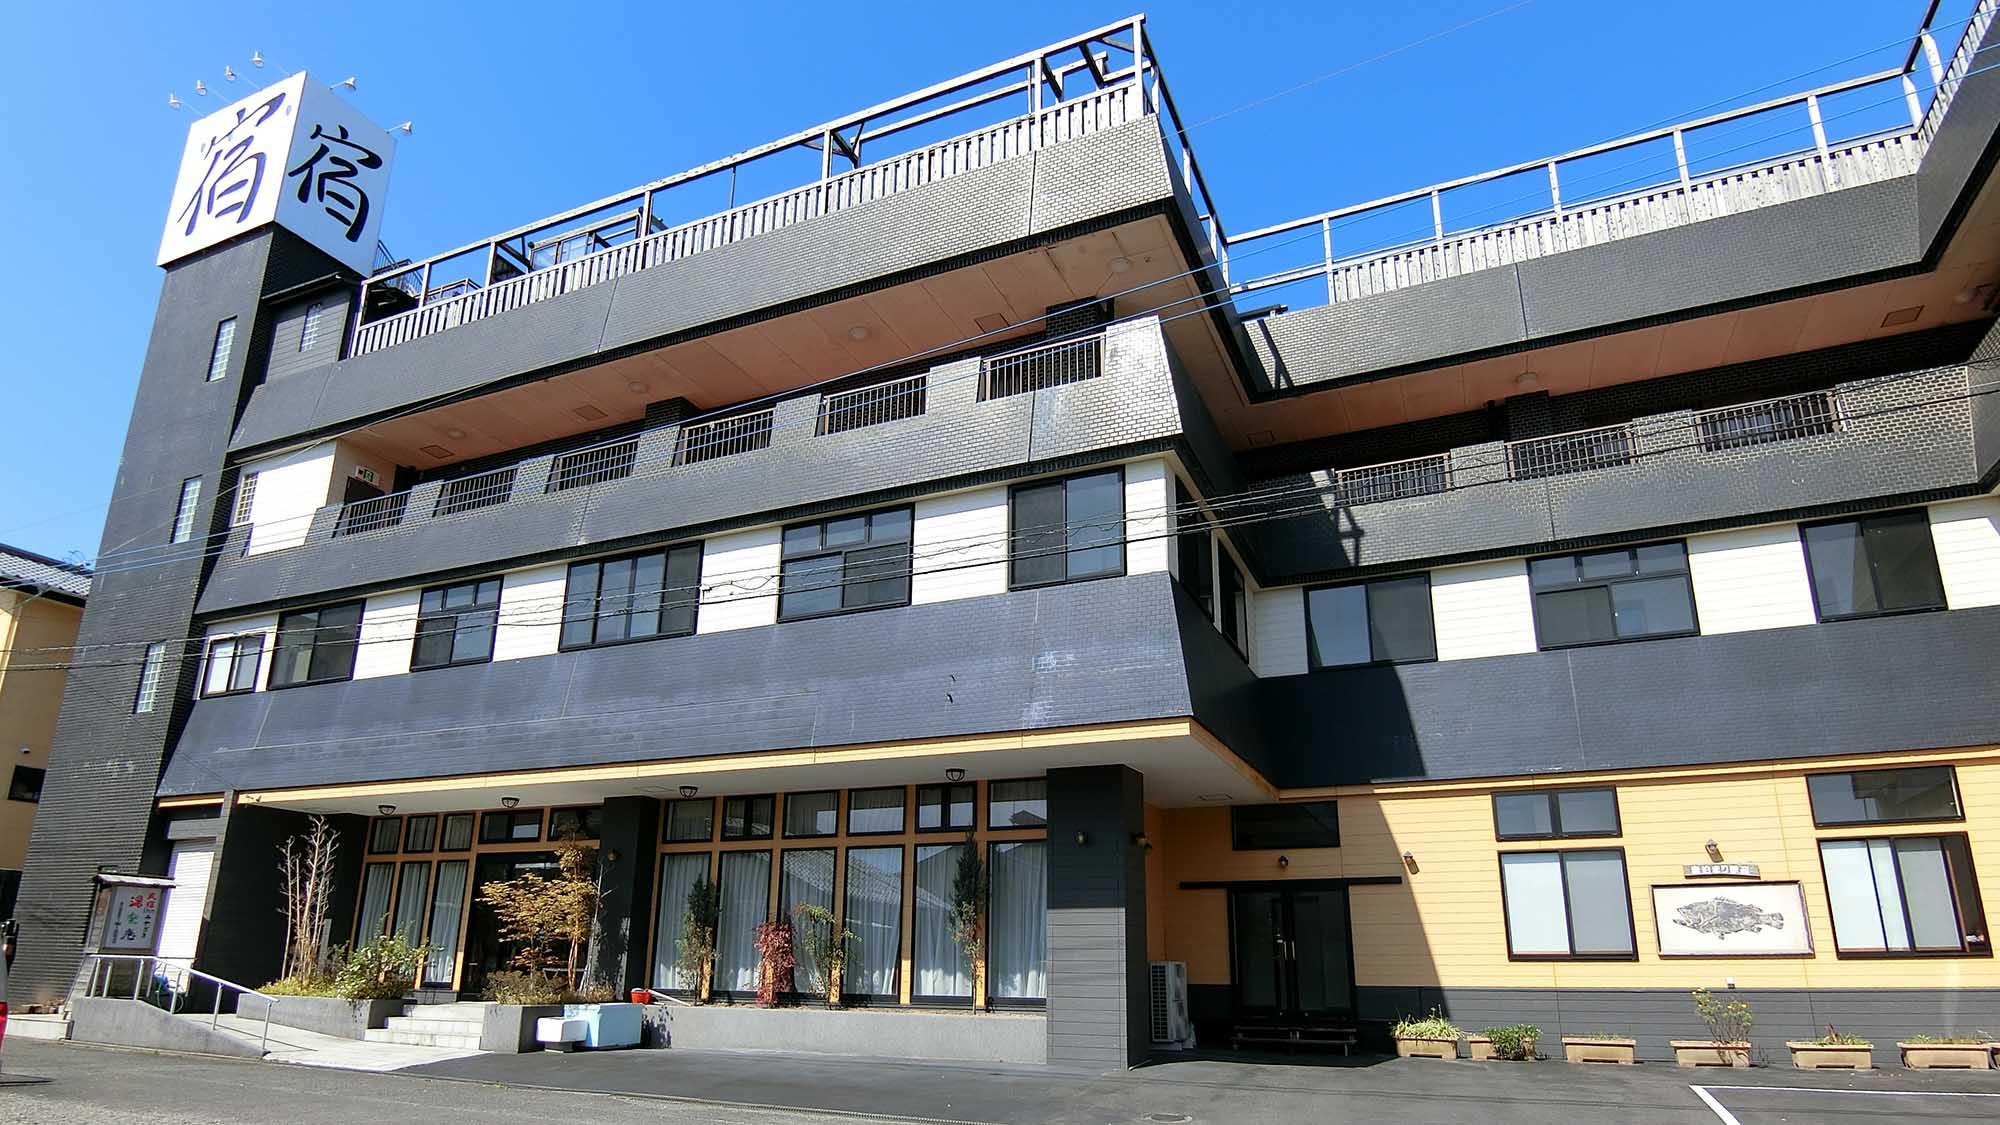 民宿 in みやざき 湯楽庵の施設画像